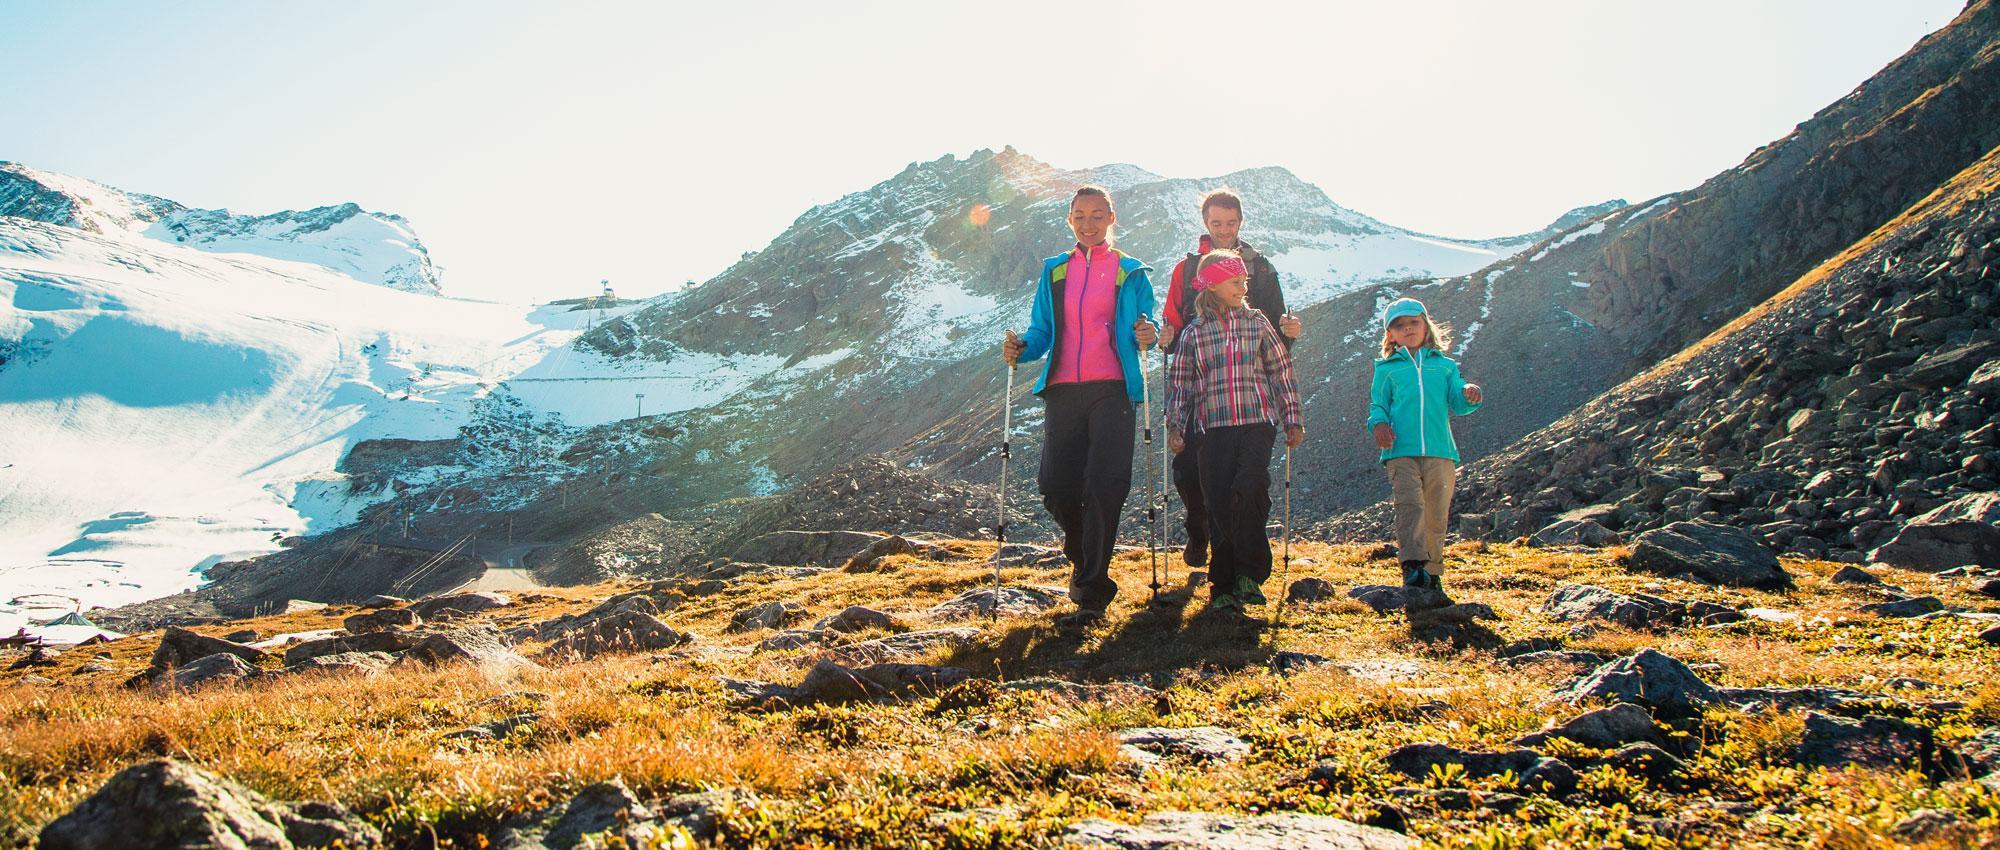 Familie Wandern vor Gletscher.jpg